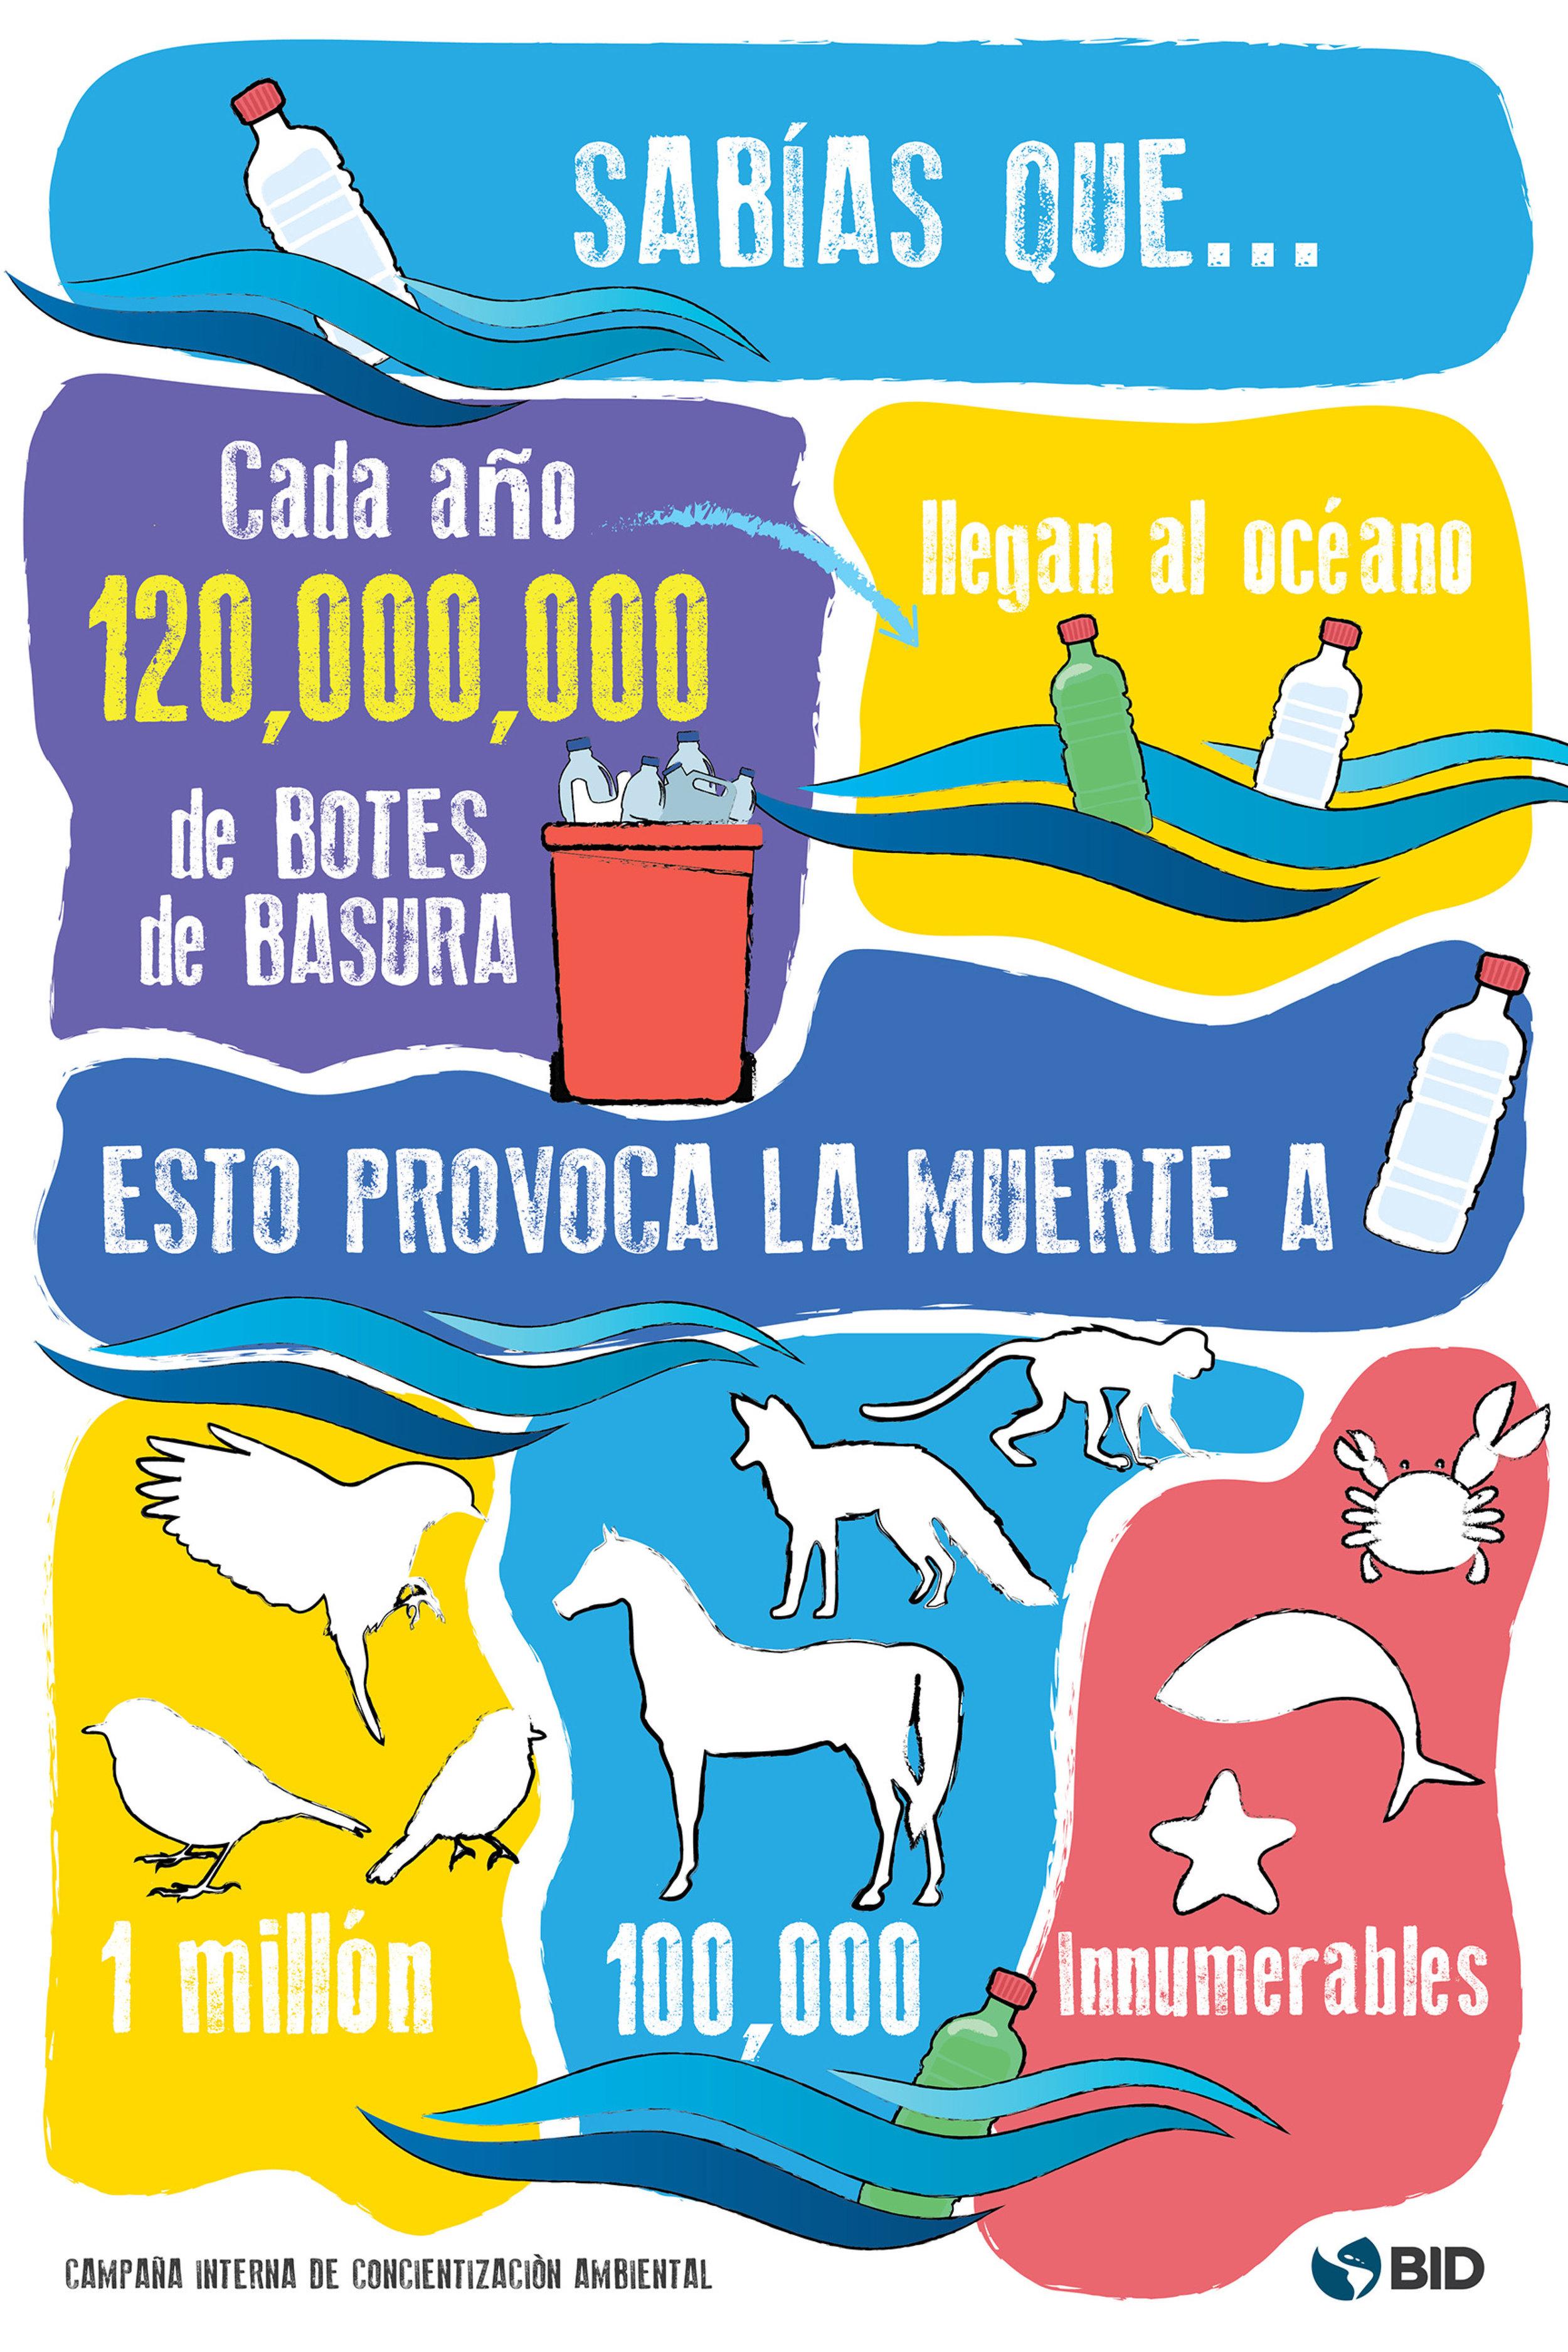 Campaña medio ambiente - Completa-2.jpg